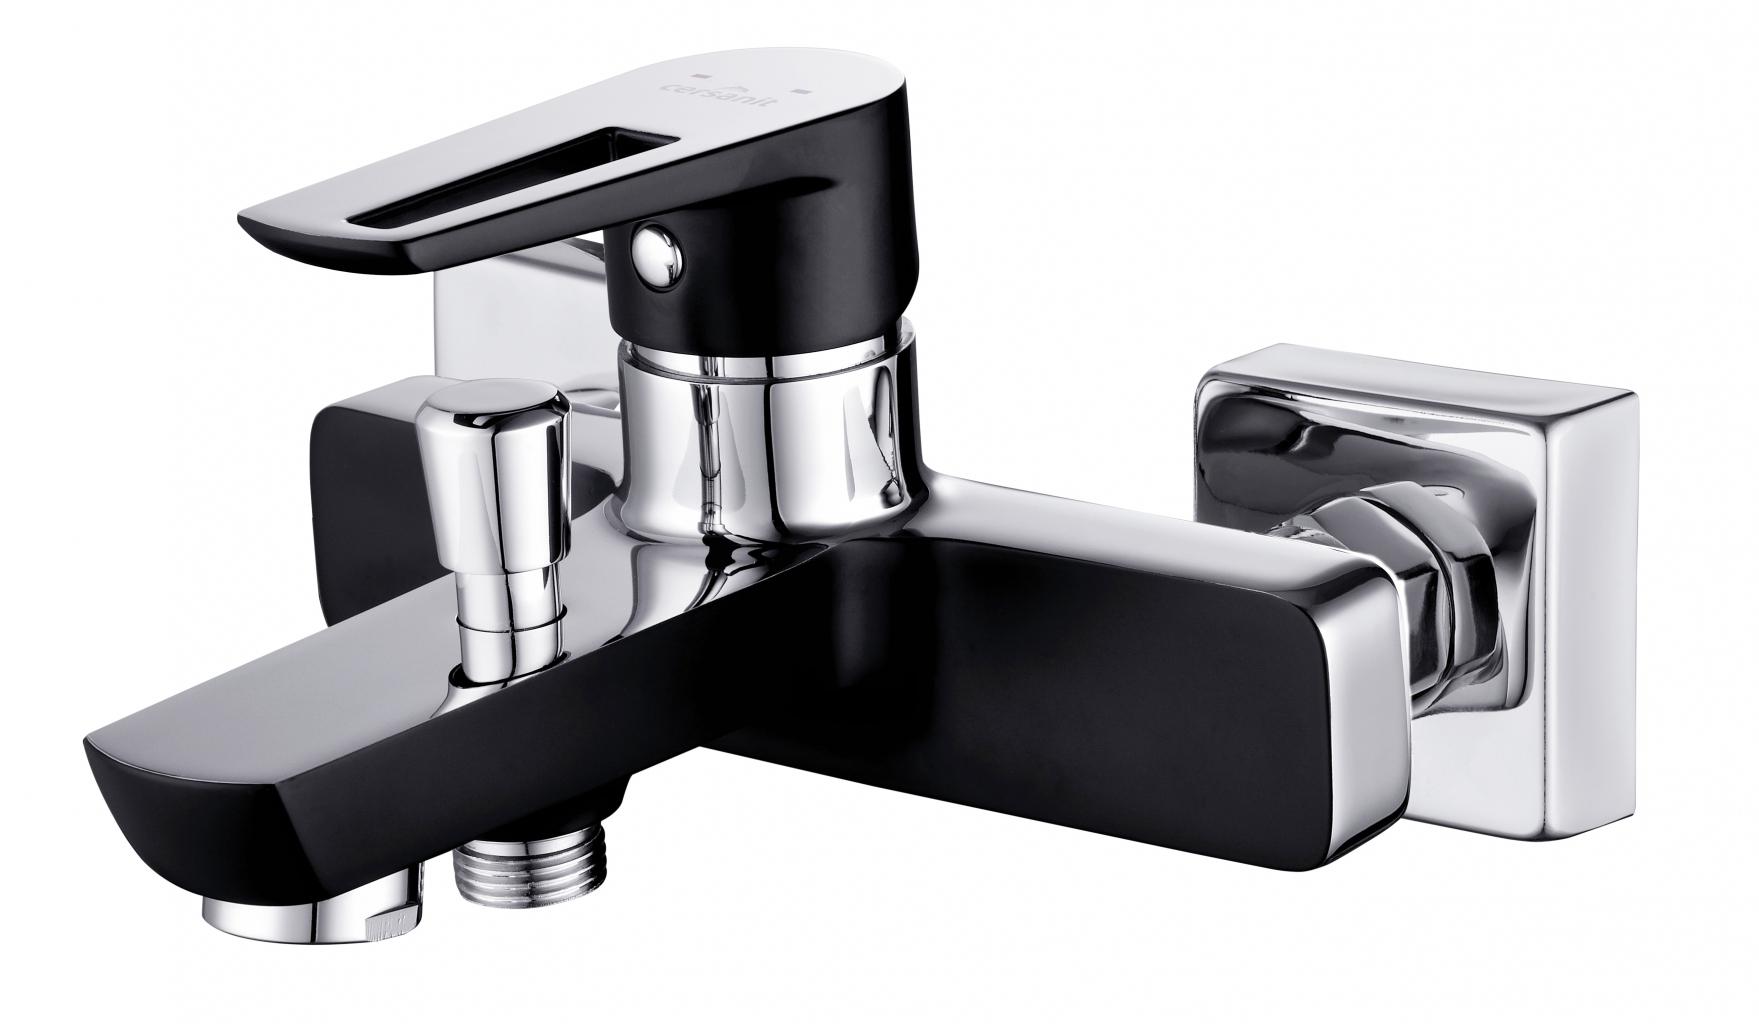 CERSANIT - Vanová baterie se sprchou MILLE jednopáková, dvouotvorová, nástěnná, s pevným výtokovým ramínkem, s přepínačem, CHROM CERSANIT